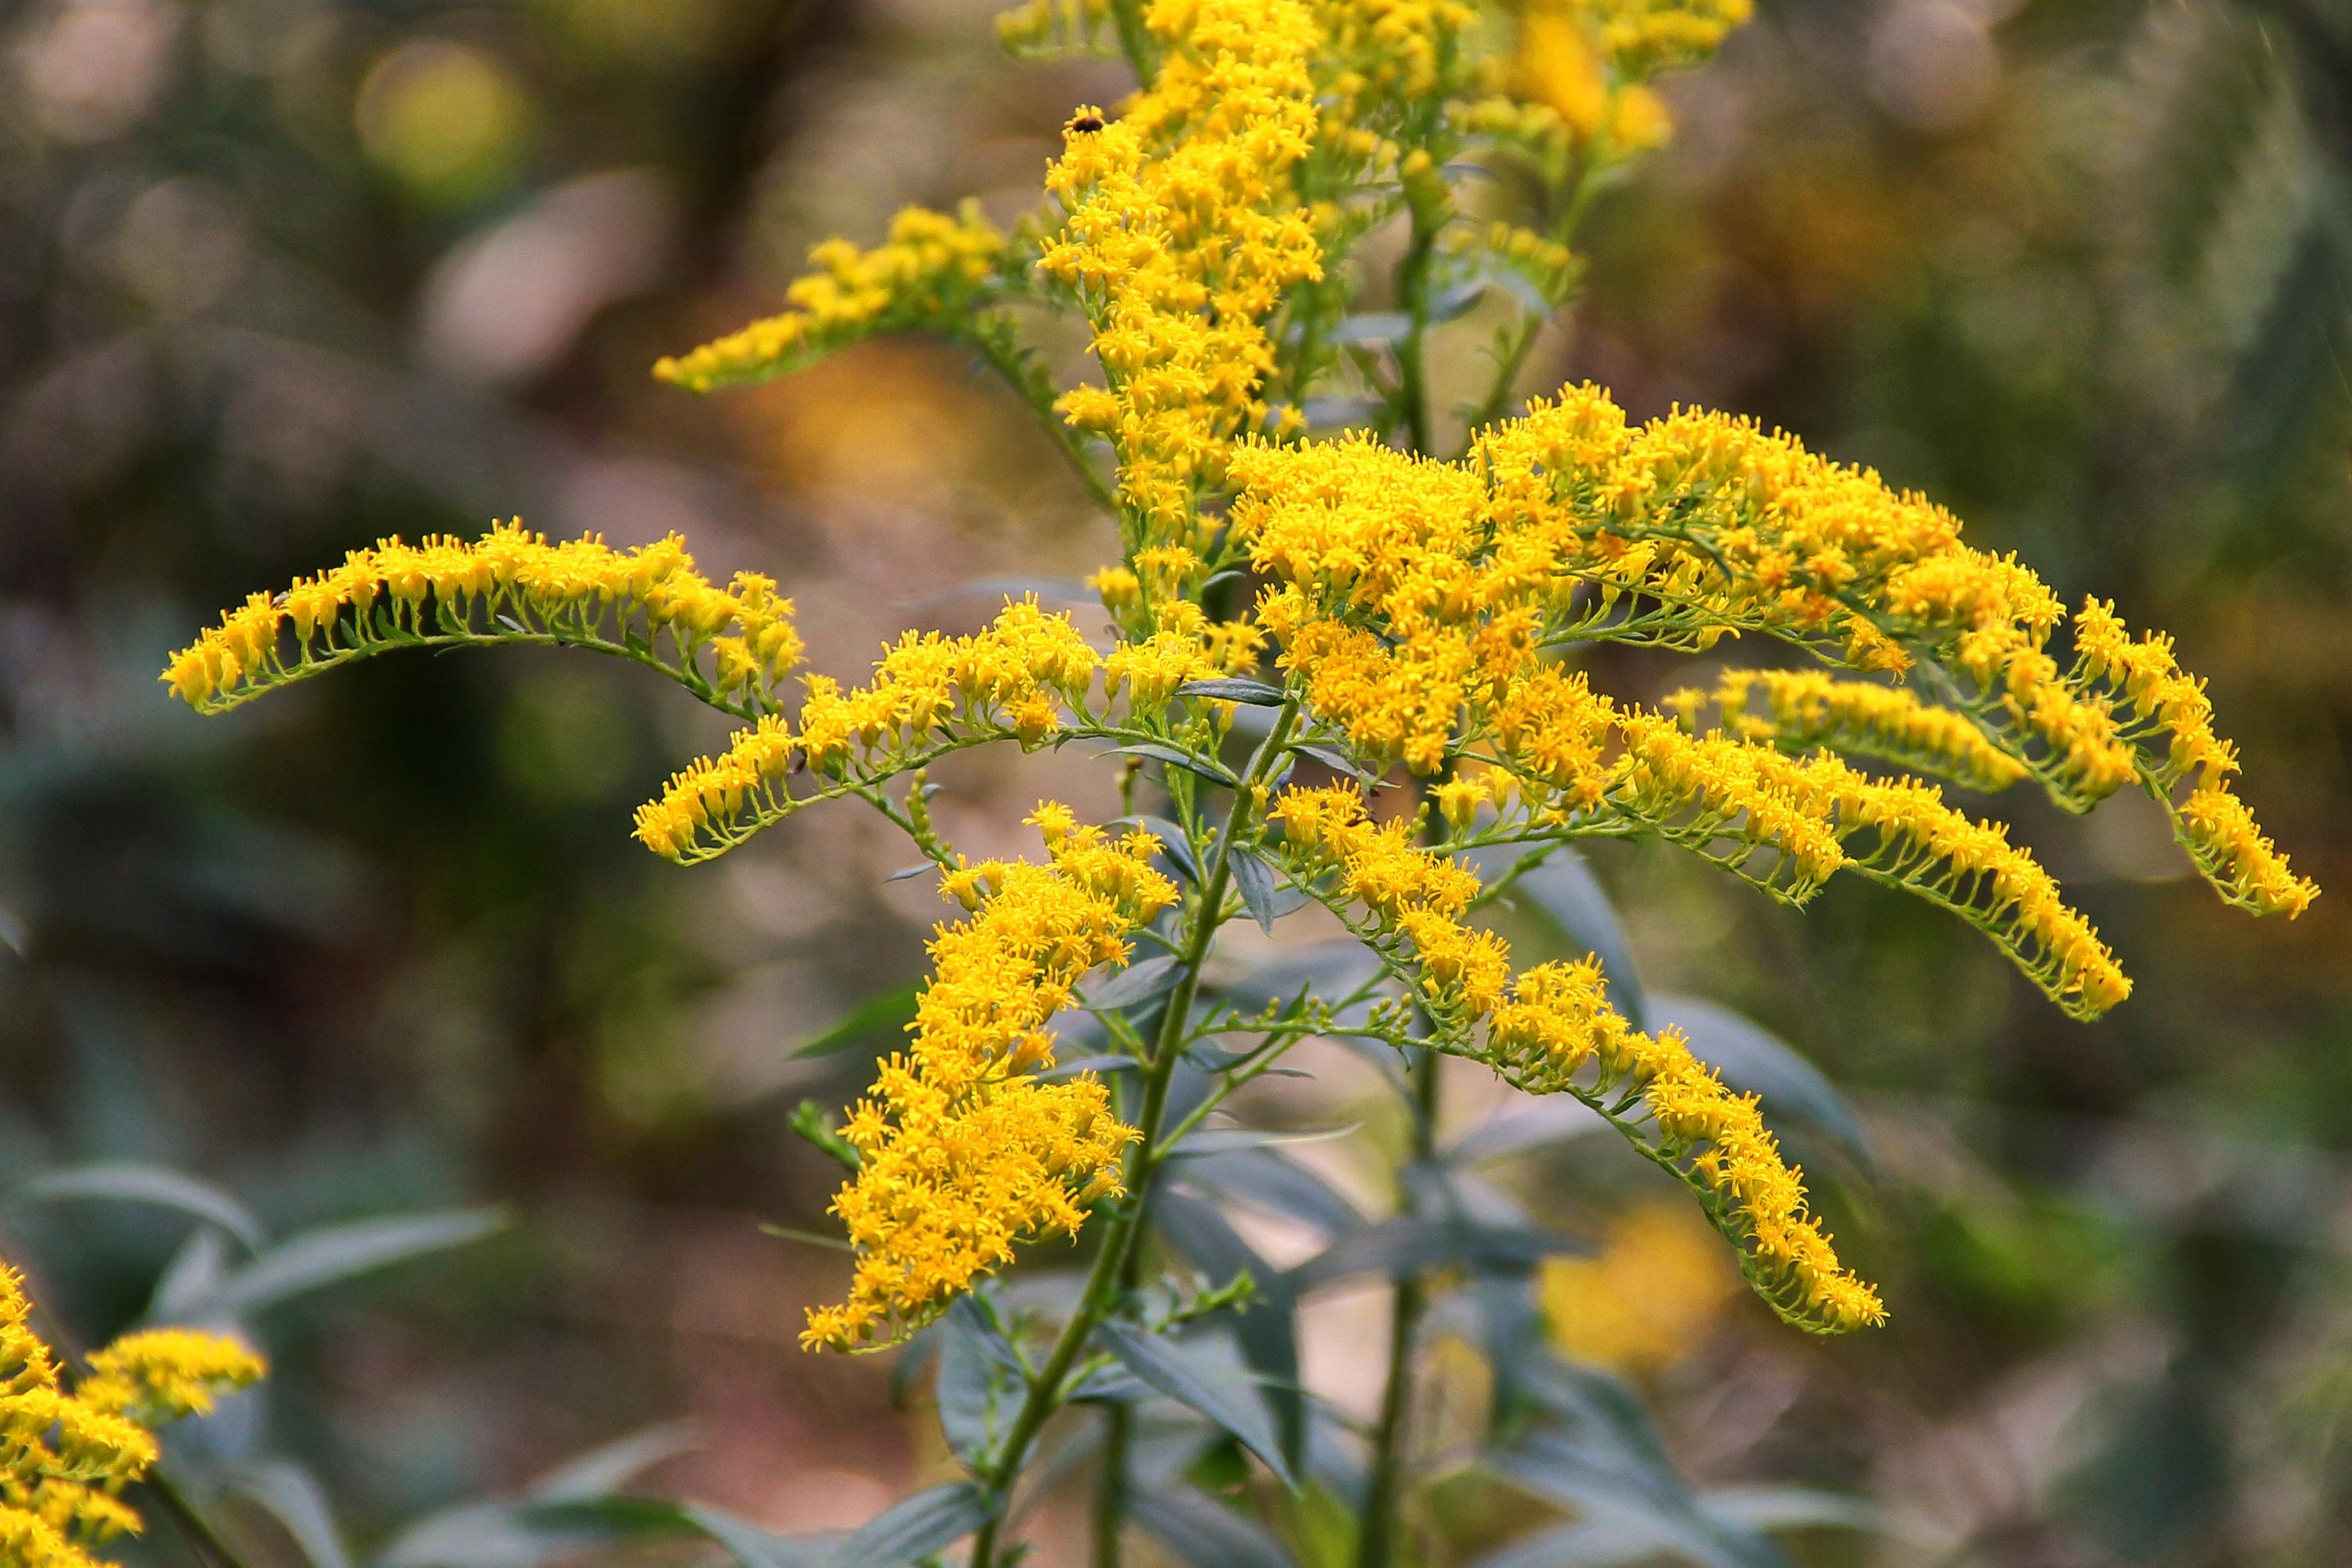 banco de imagens rvore ramo flor plantar folha flor plen comida erva produzir evergreen outono botnica amarelo flora flores silvestres